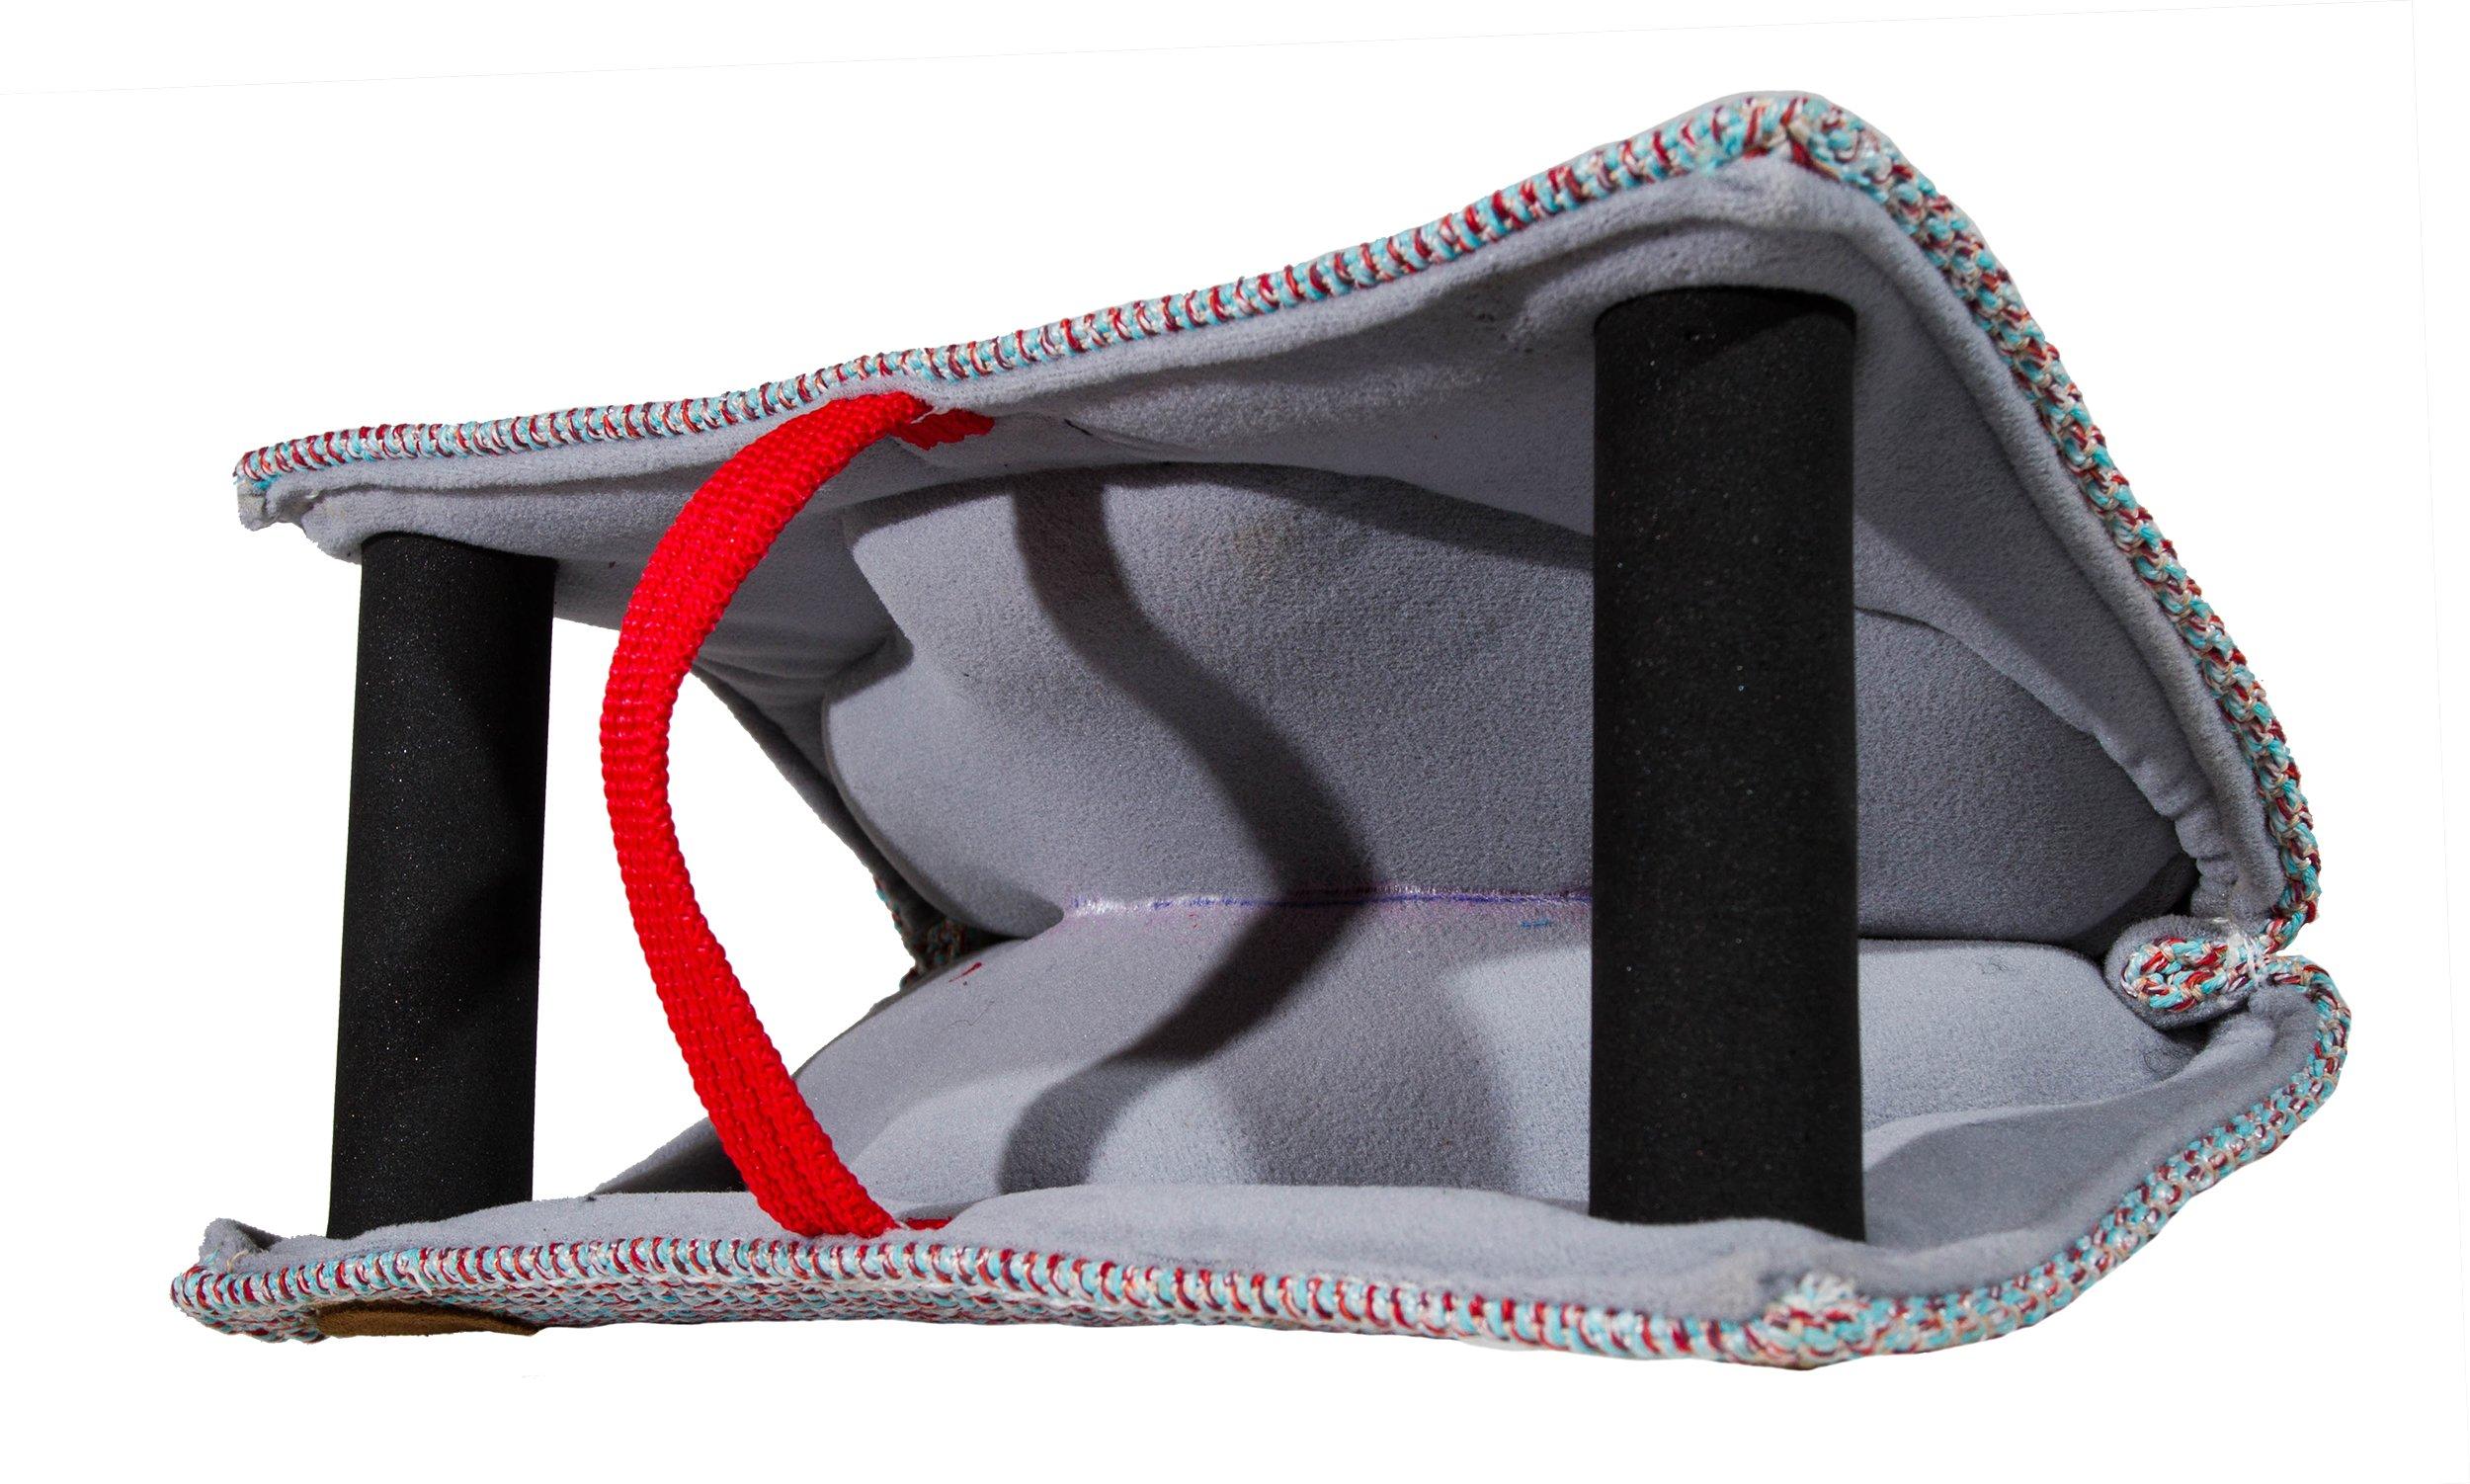 Julius-K9 143BK-W Cotton/Nylon Soft Bite Wedge, 31 cm